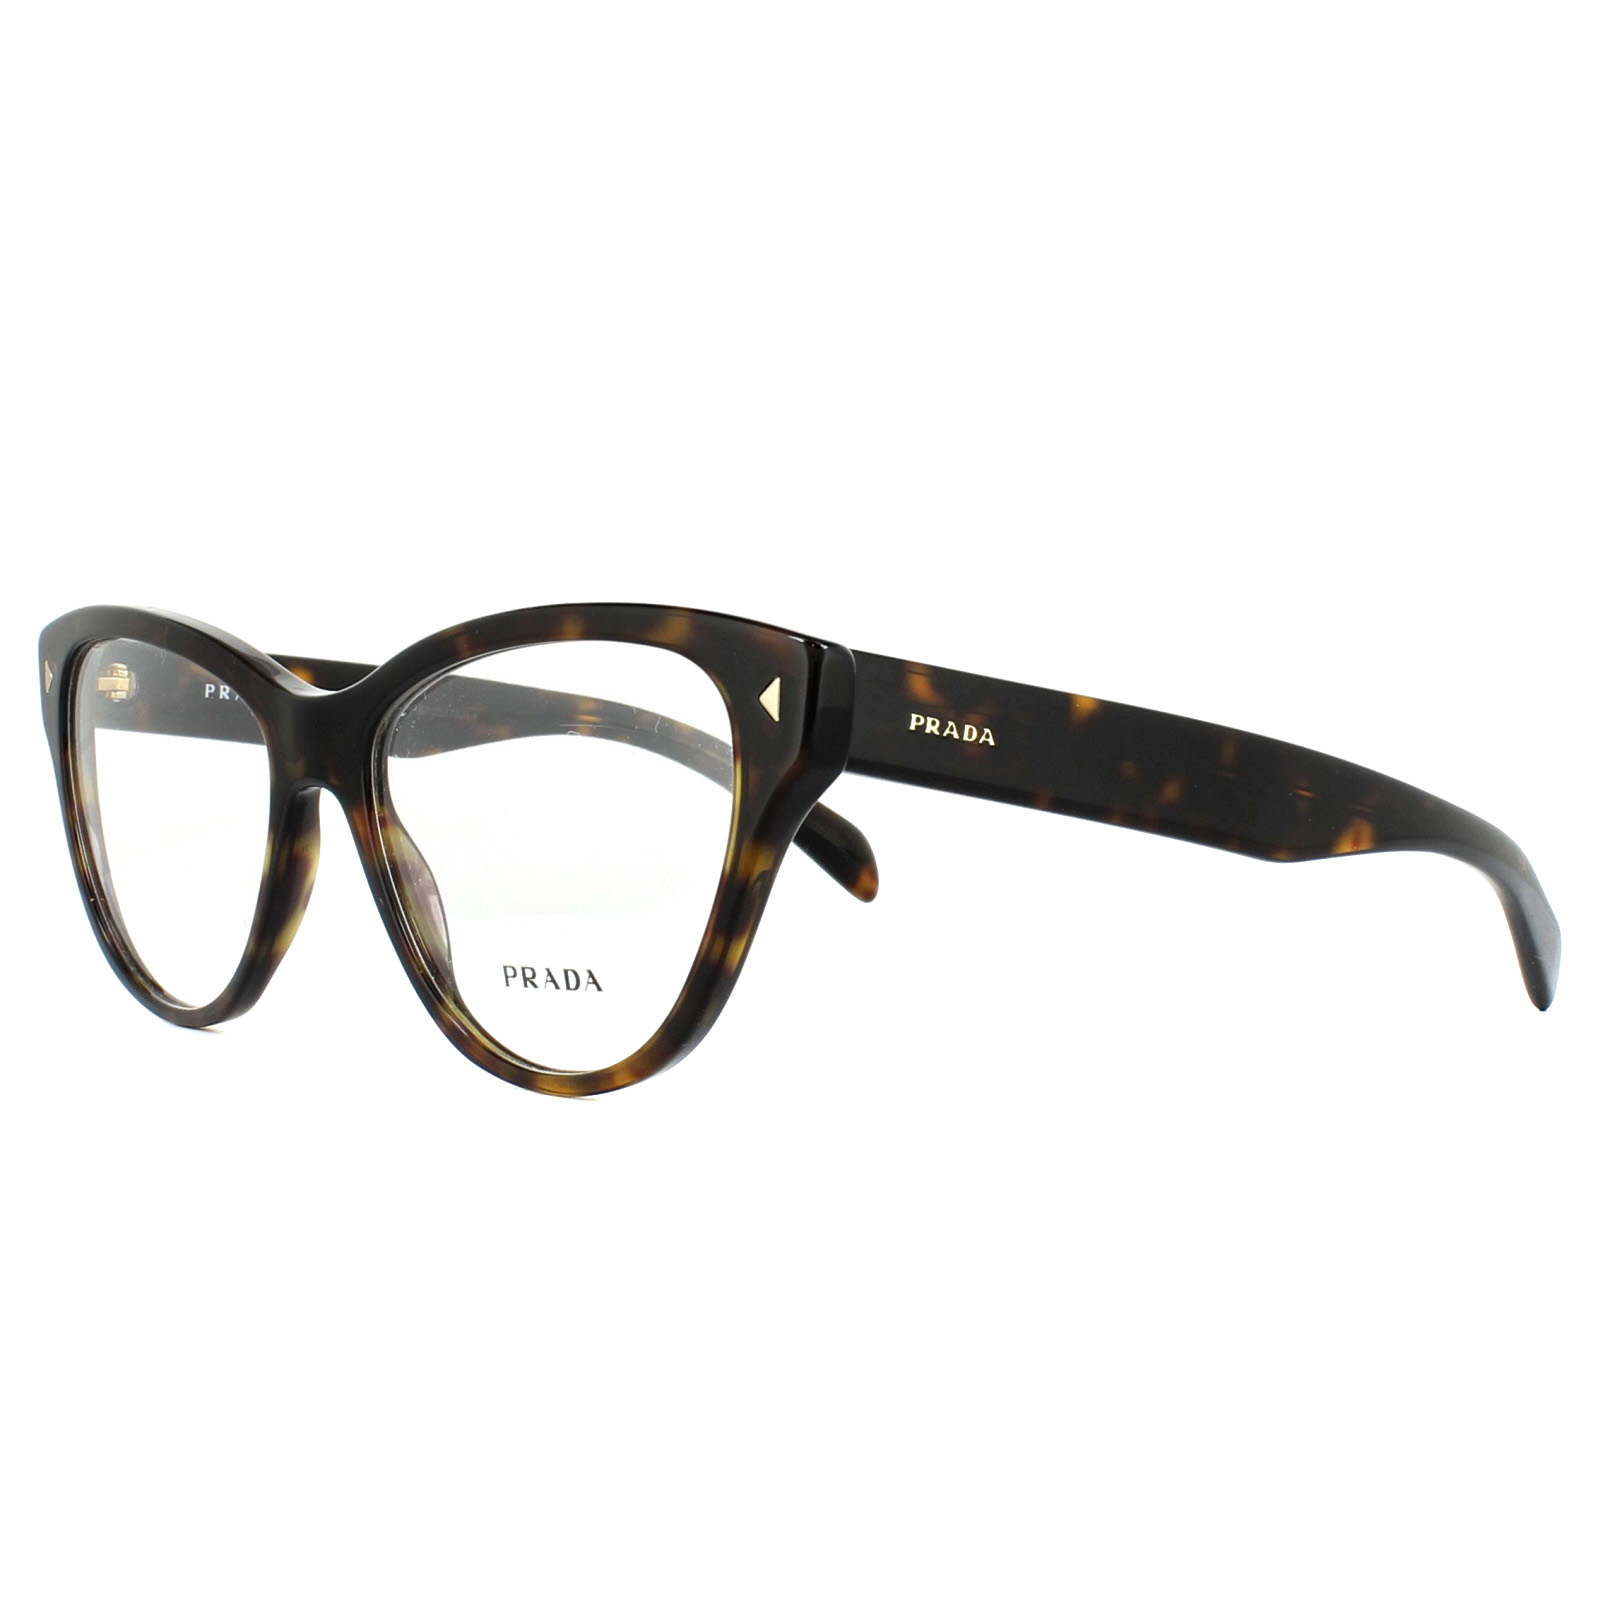 245063cac4a2 Prada Glasses Frames PR23SV 2AU1O1 Havana 54mm Womens 8053672507157 ...